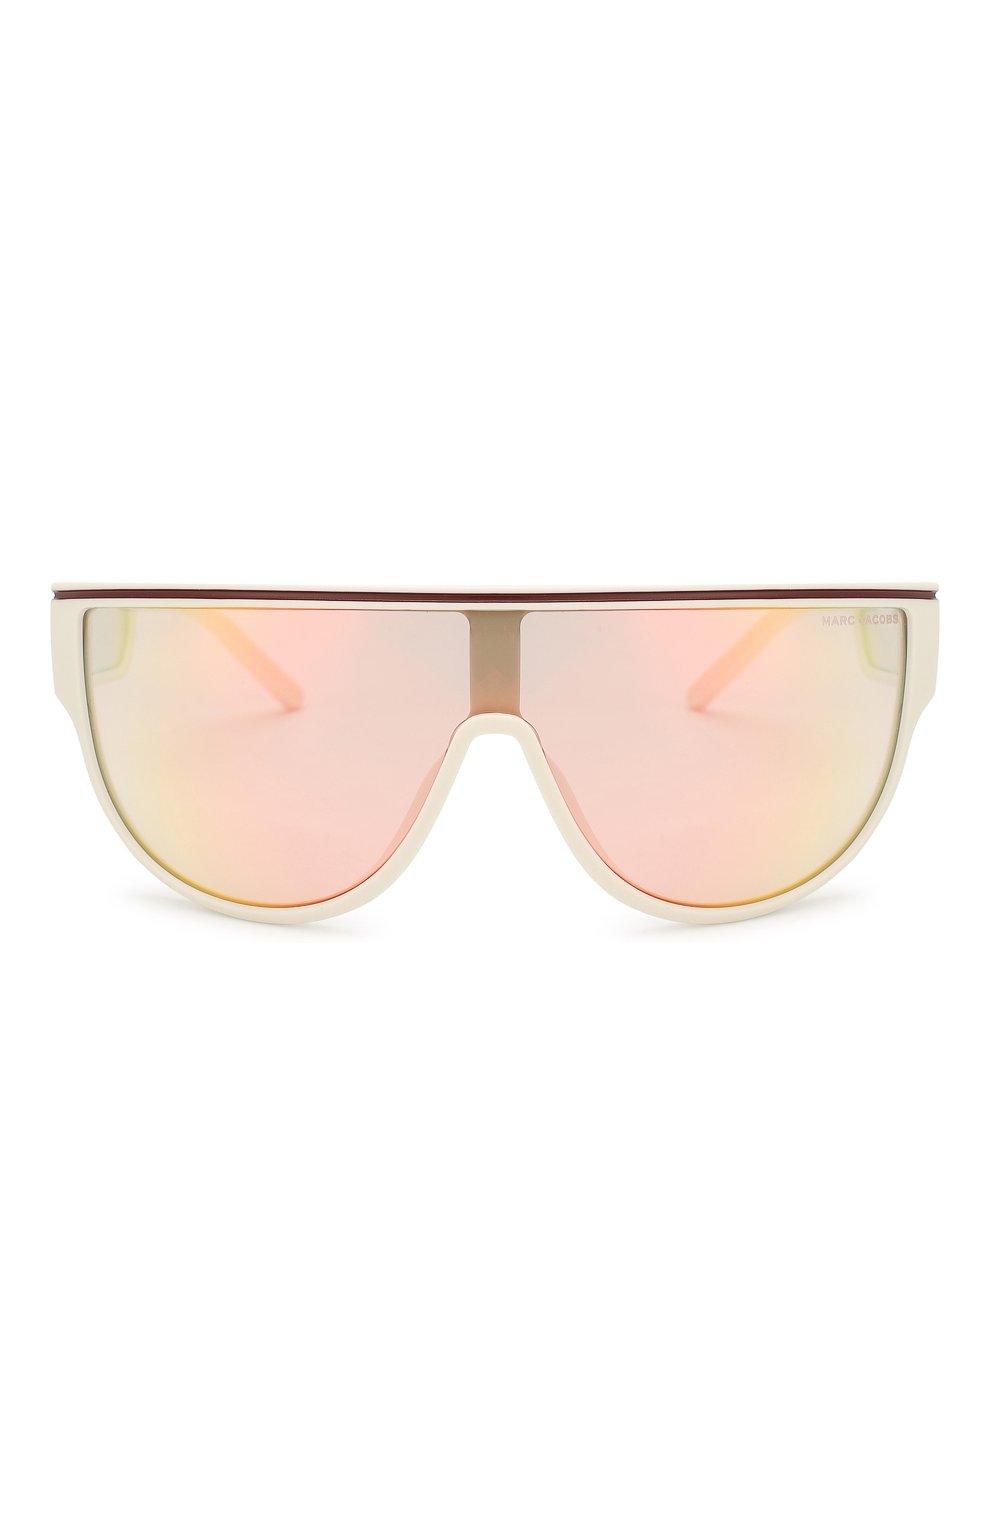 Женские солнцезащитные очки MARC JACOBS (THE) белого цвета, арт. MARC 410 VK6 | Фото 4